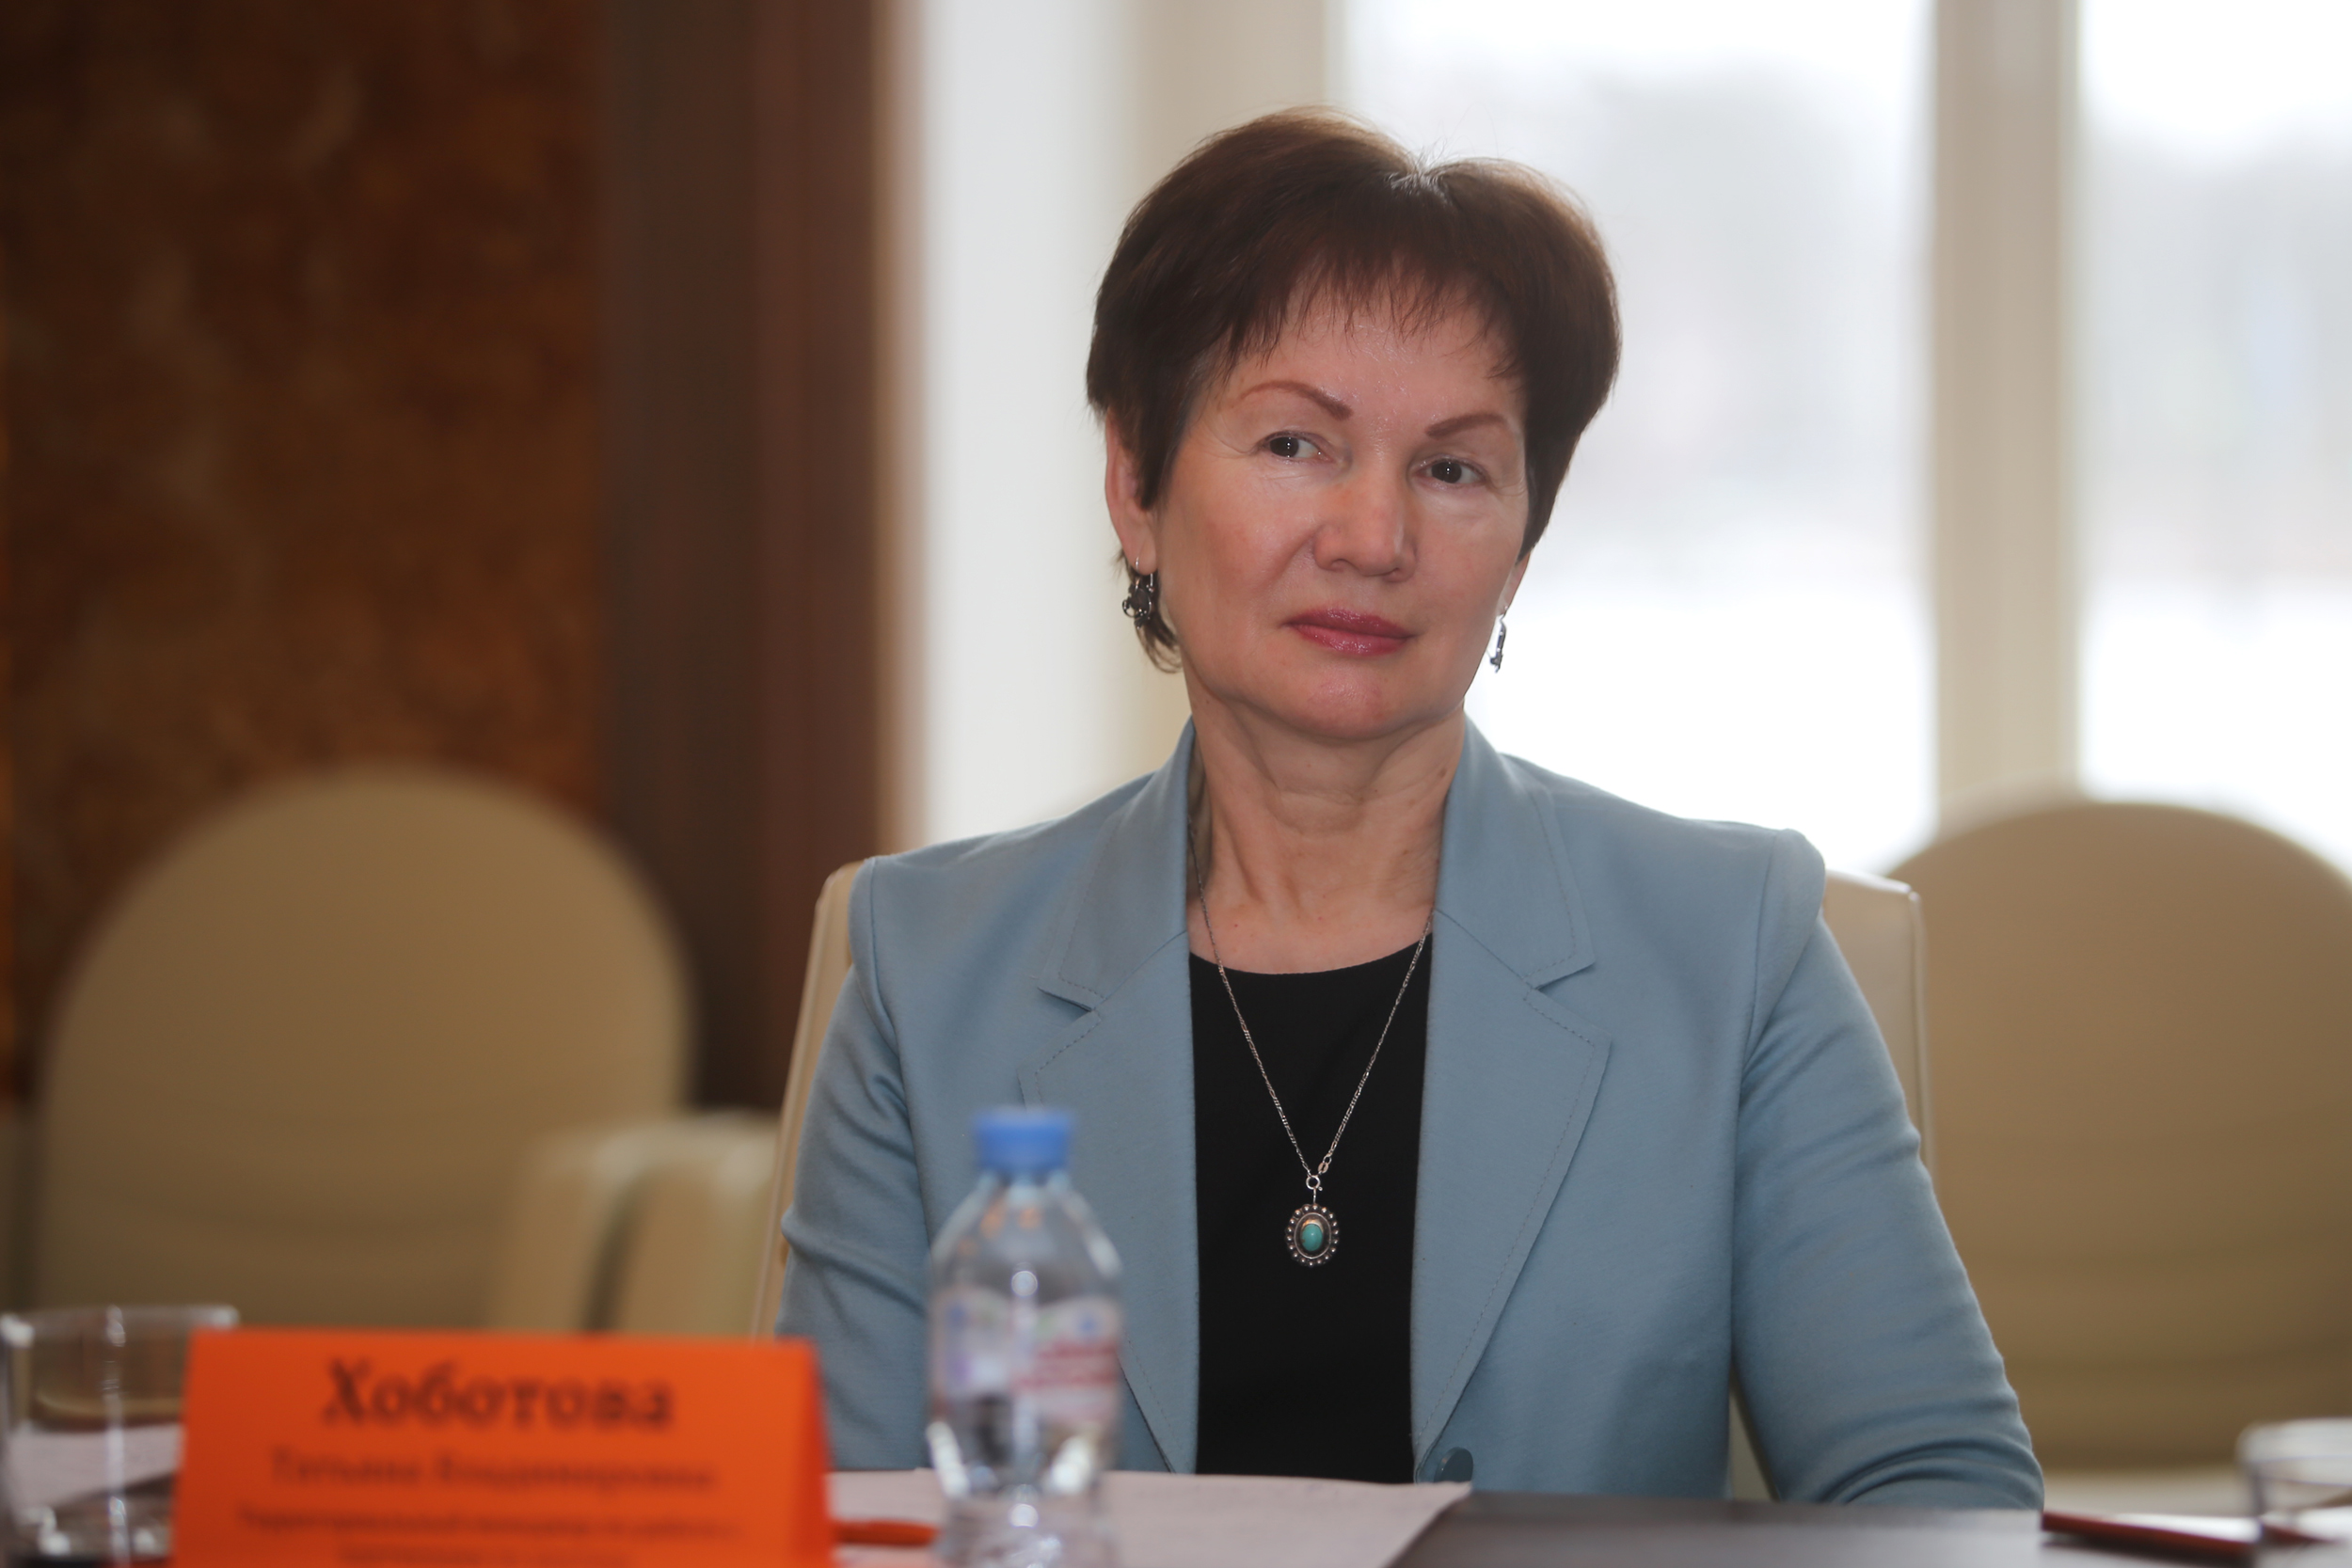 Татьяна Хоботова, территориальный менеджер по работе с партнерами по ипотеке Северо-Западного филиала банка «Открытие»